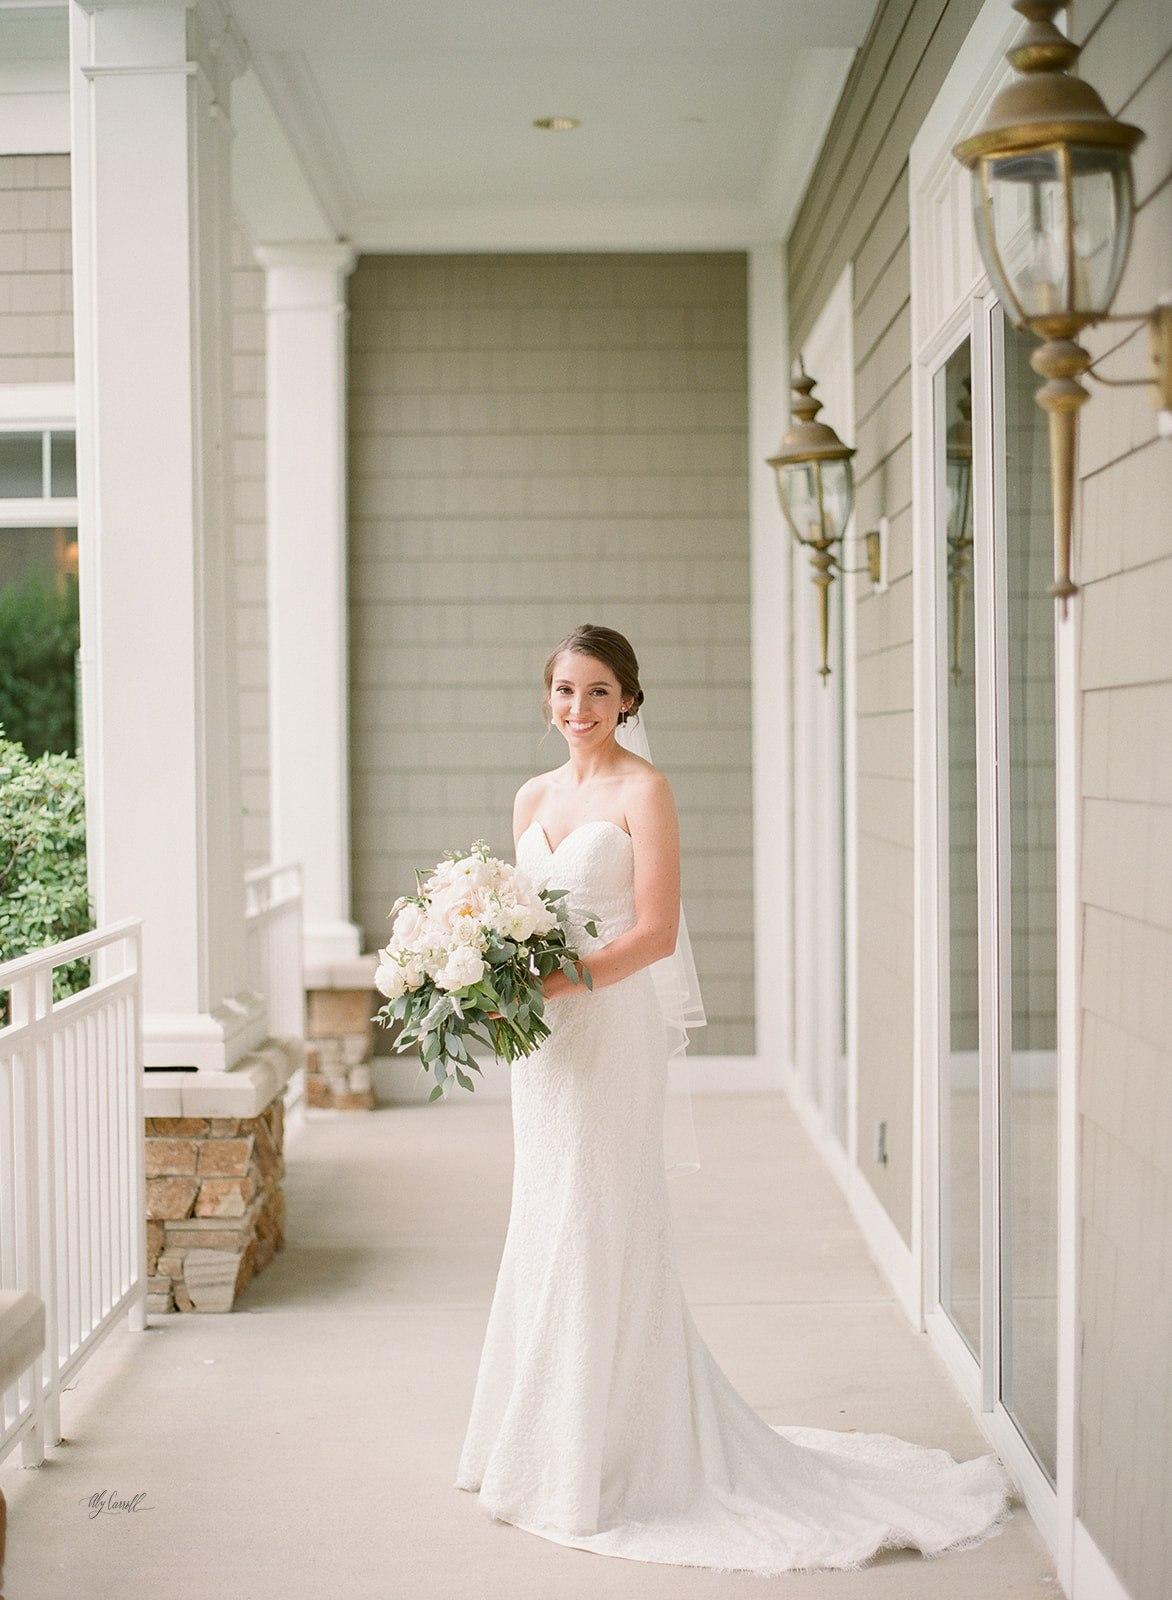 Allison _ Travis Wedding Film-000066330014.jpg